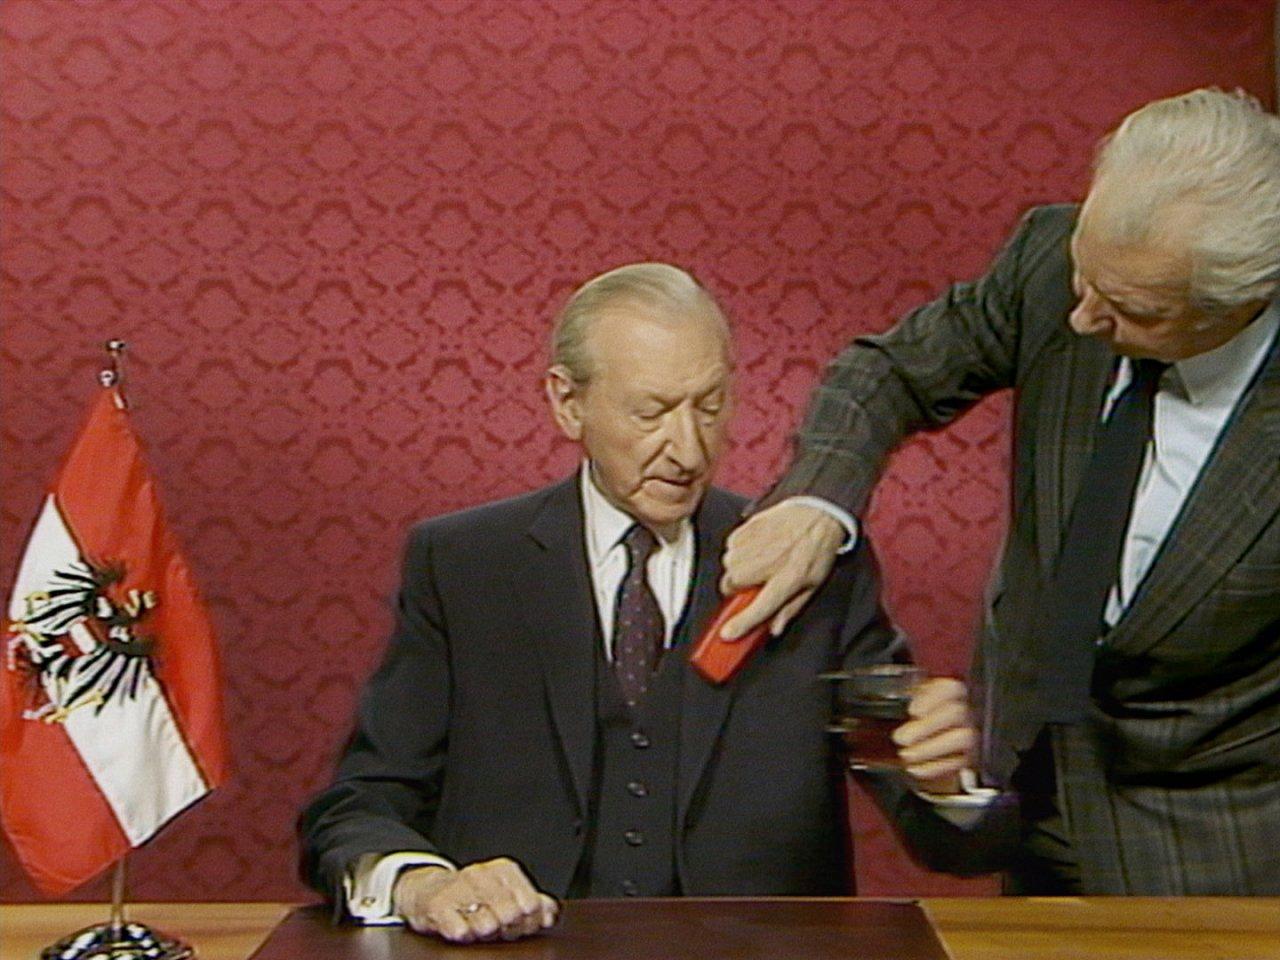 Waldheimov valcer